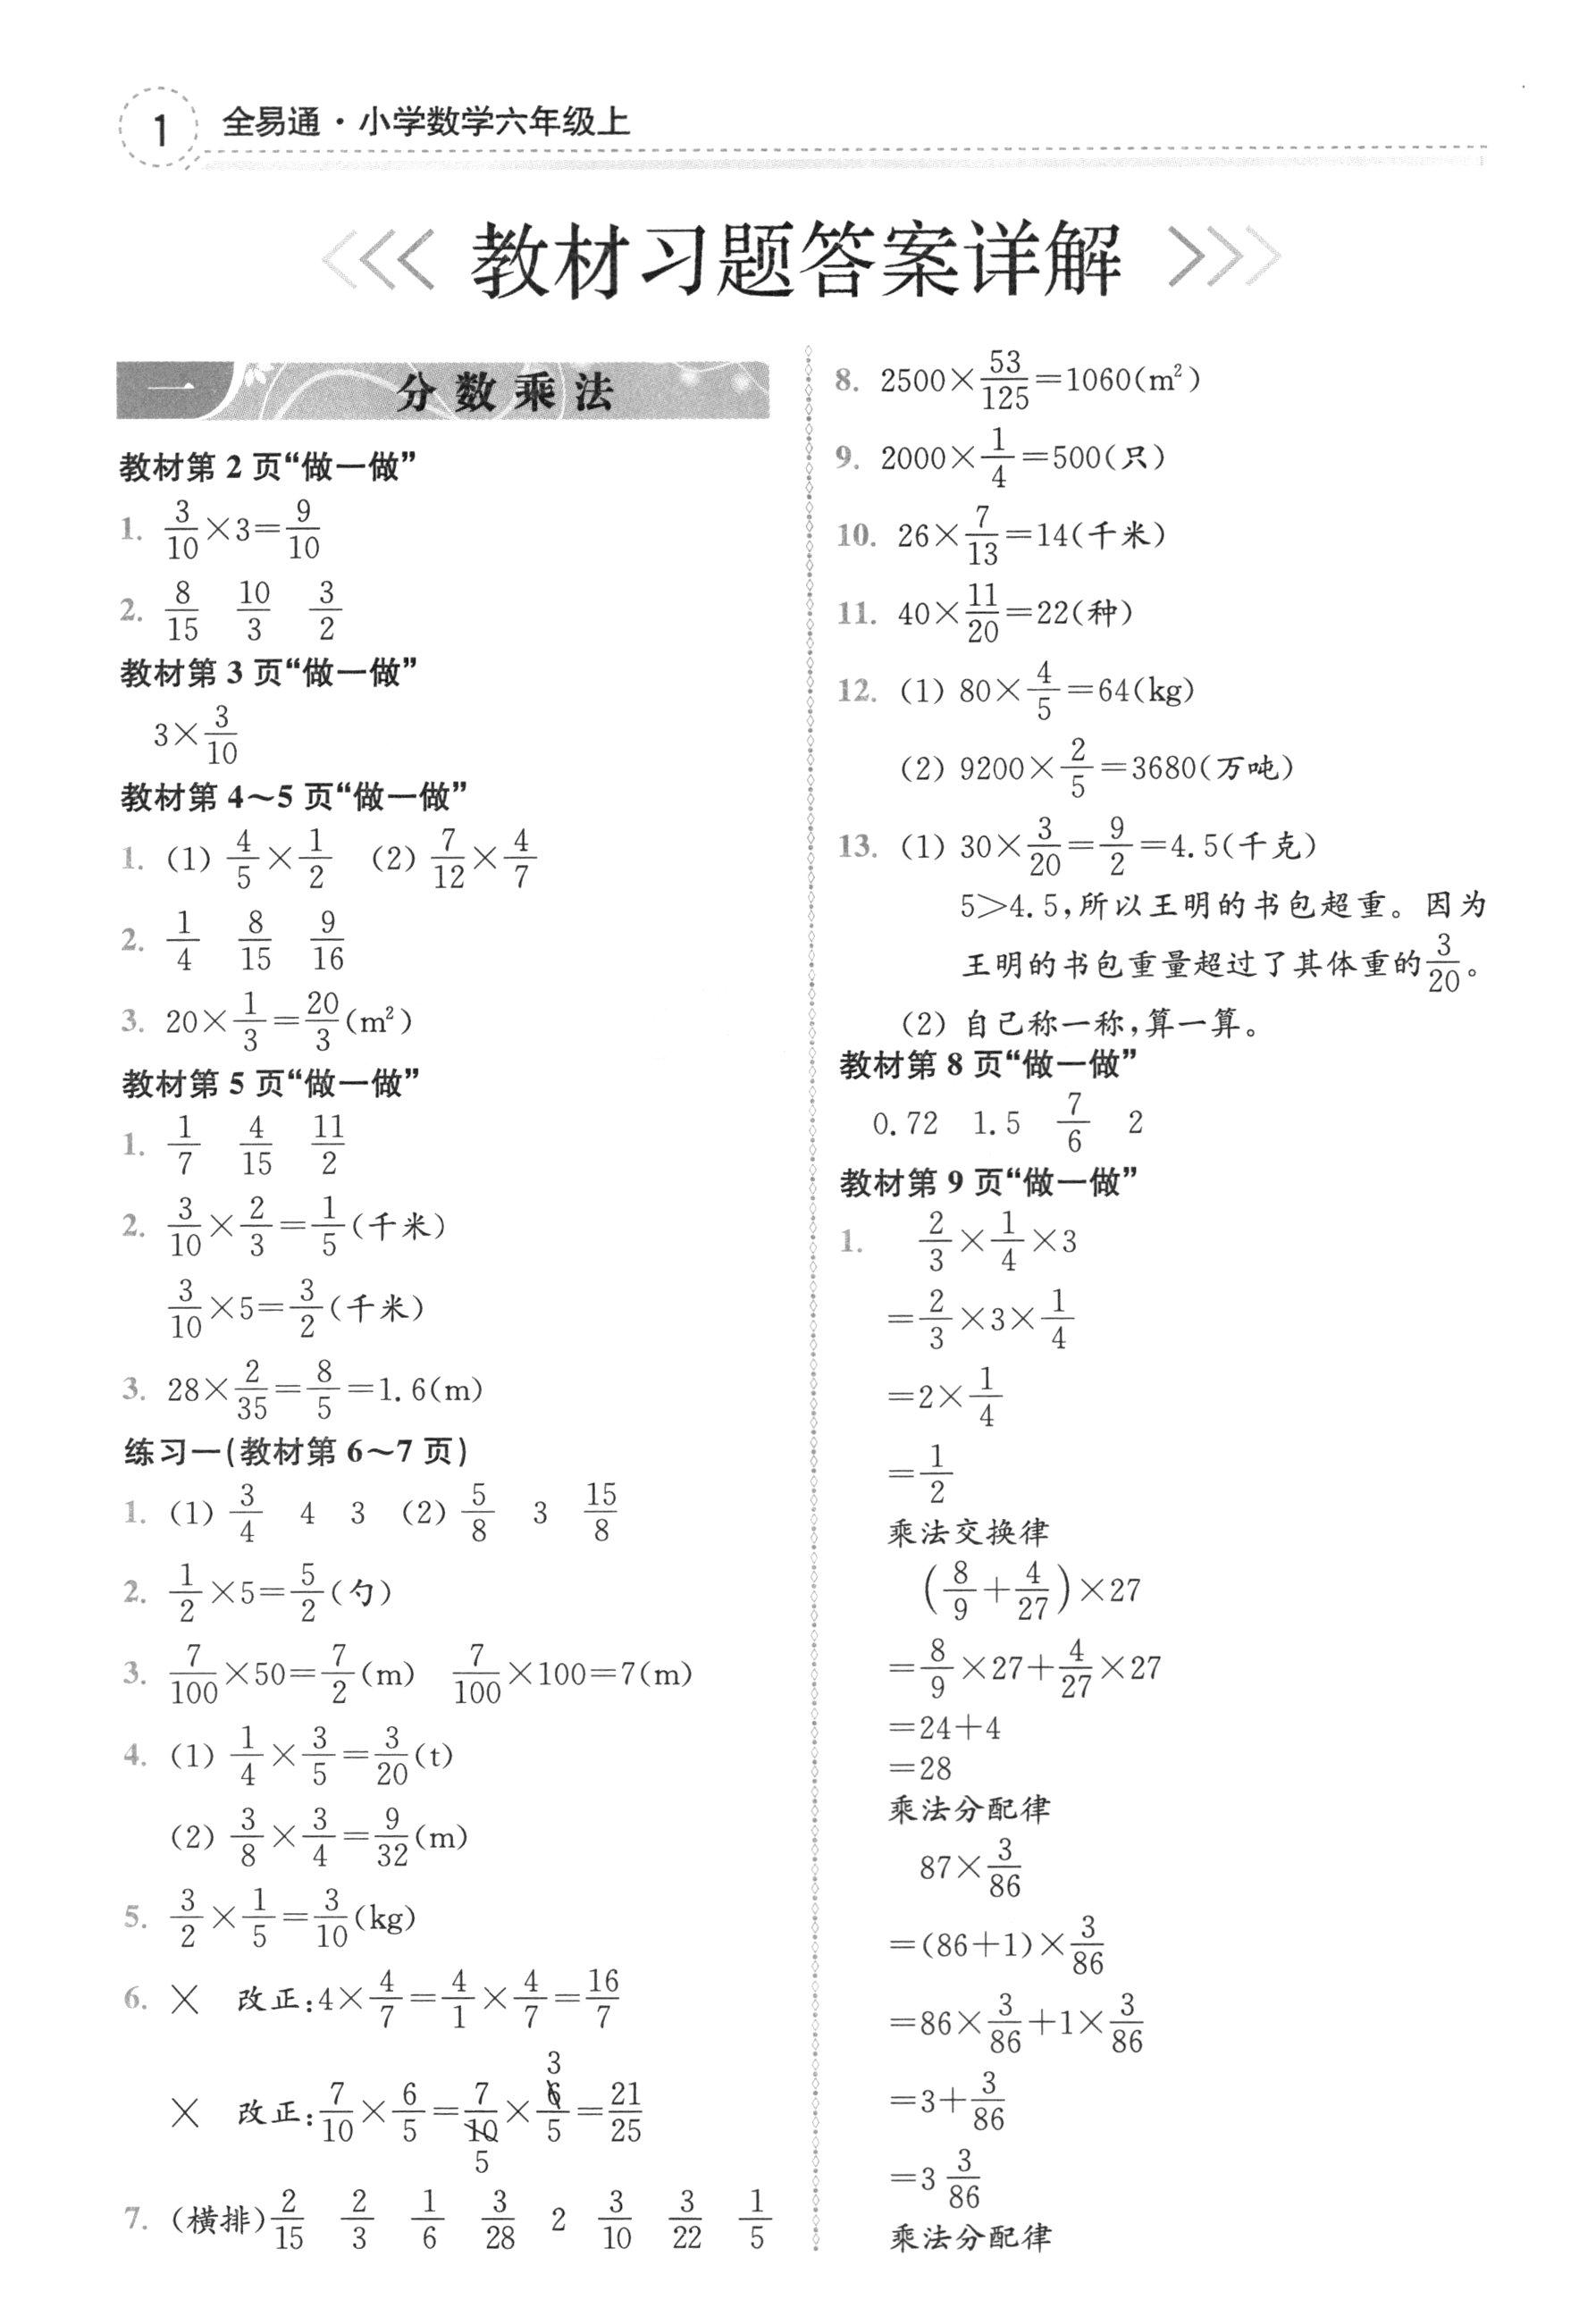 2018年课本人教版六年级数学上册参考答案第1页